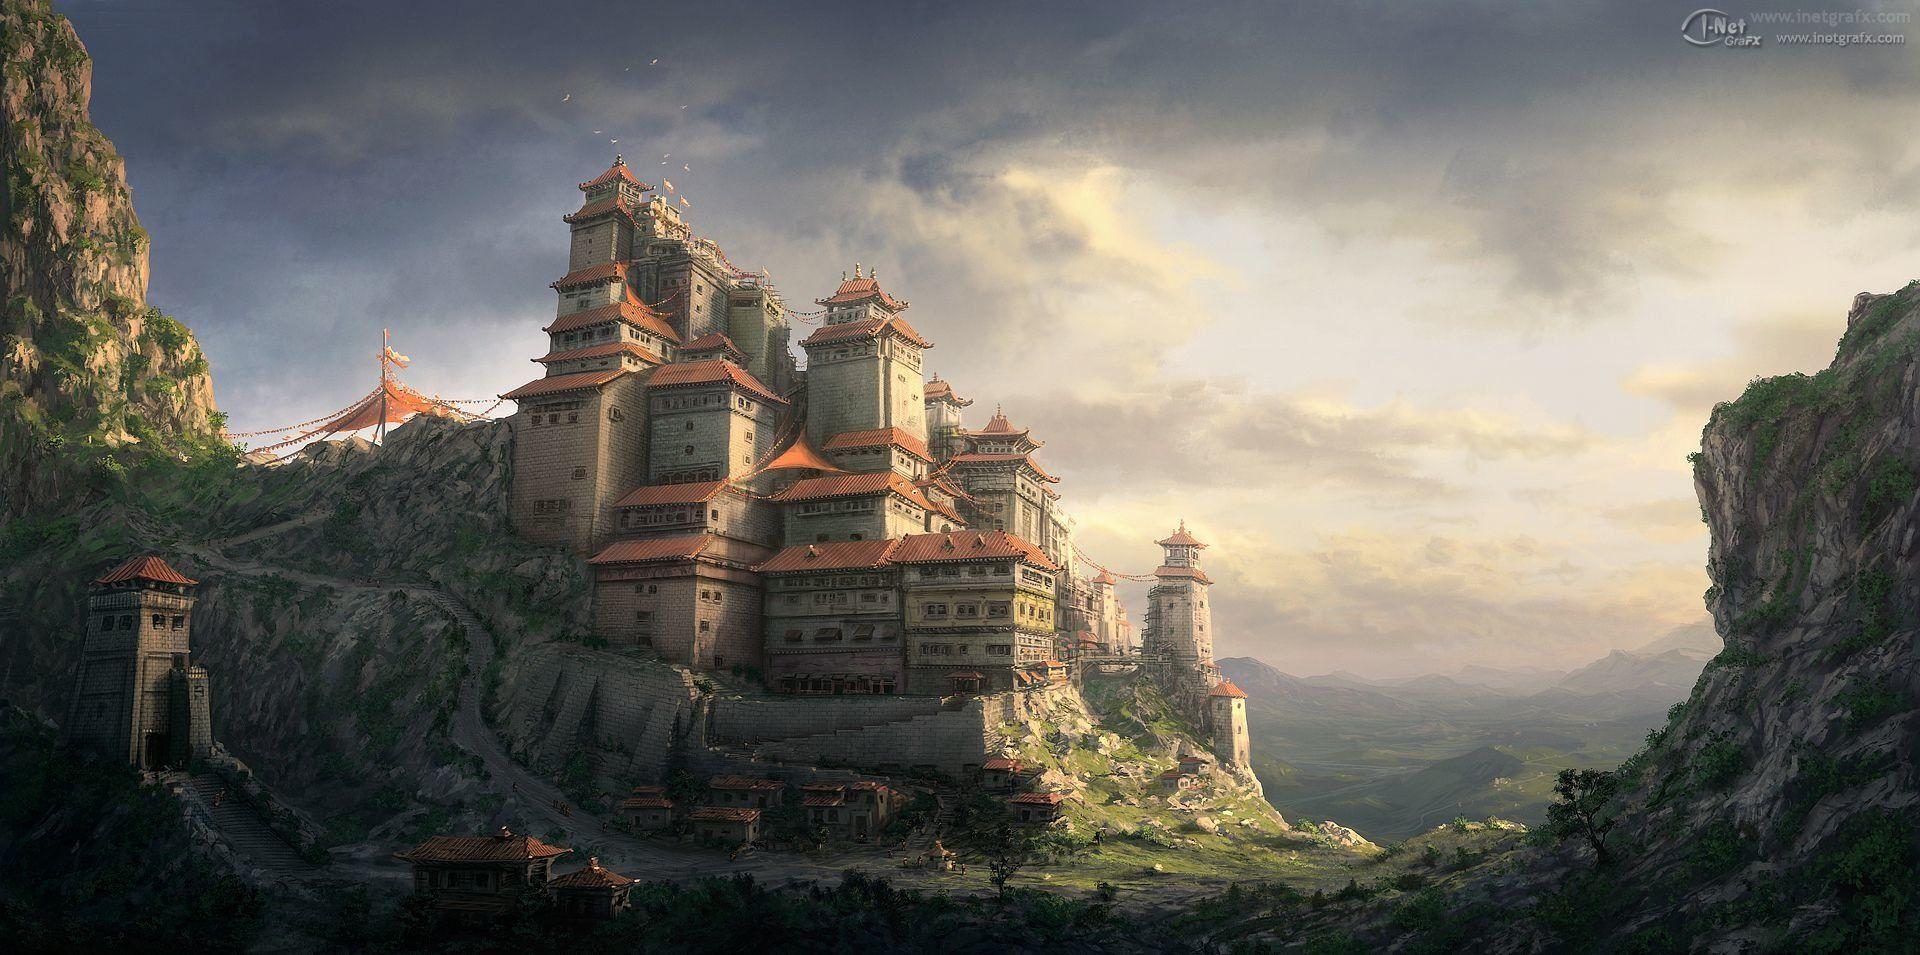 338 Castle HD Wallpapers